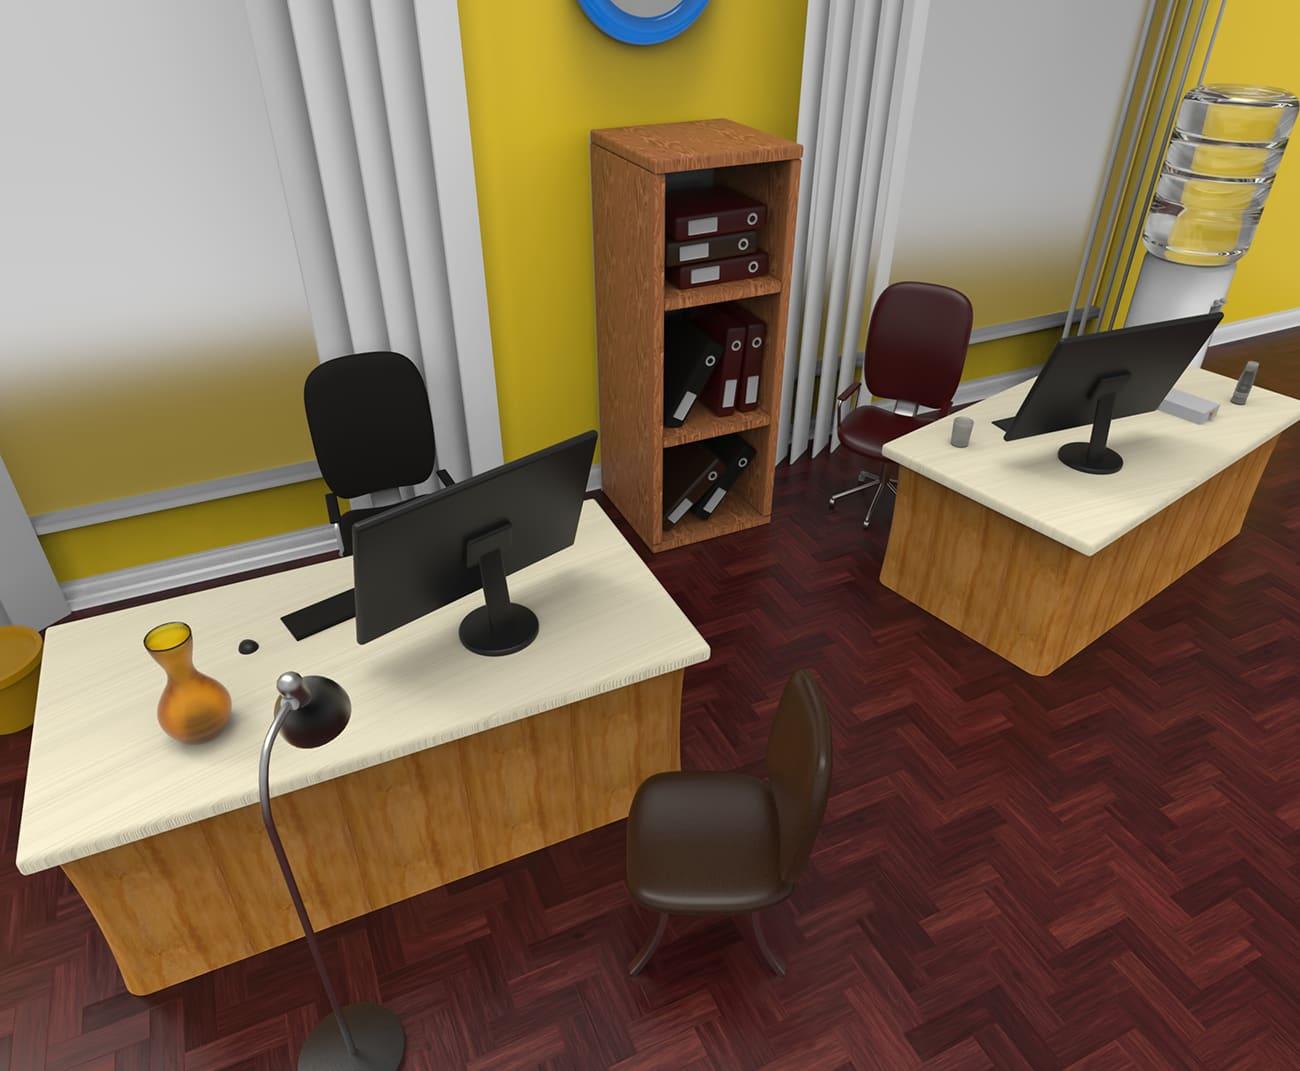 io2-min | 🎬 Видео ролики / Катсцены  / 3D модели / Анимация